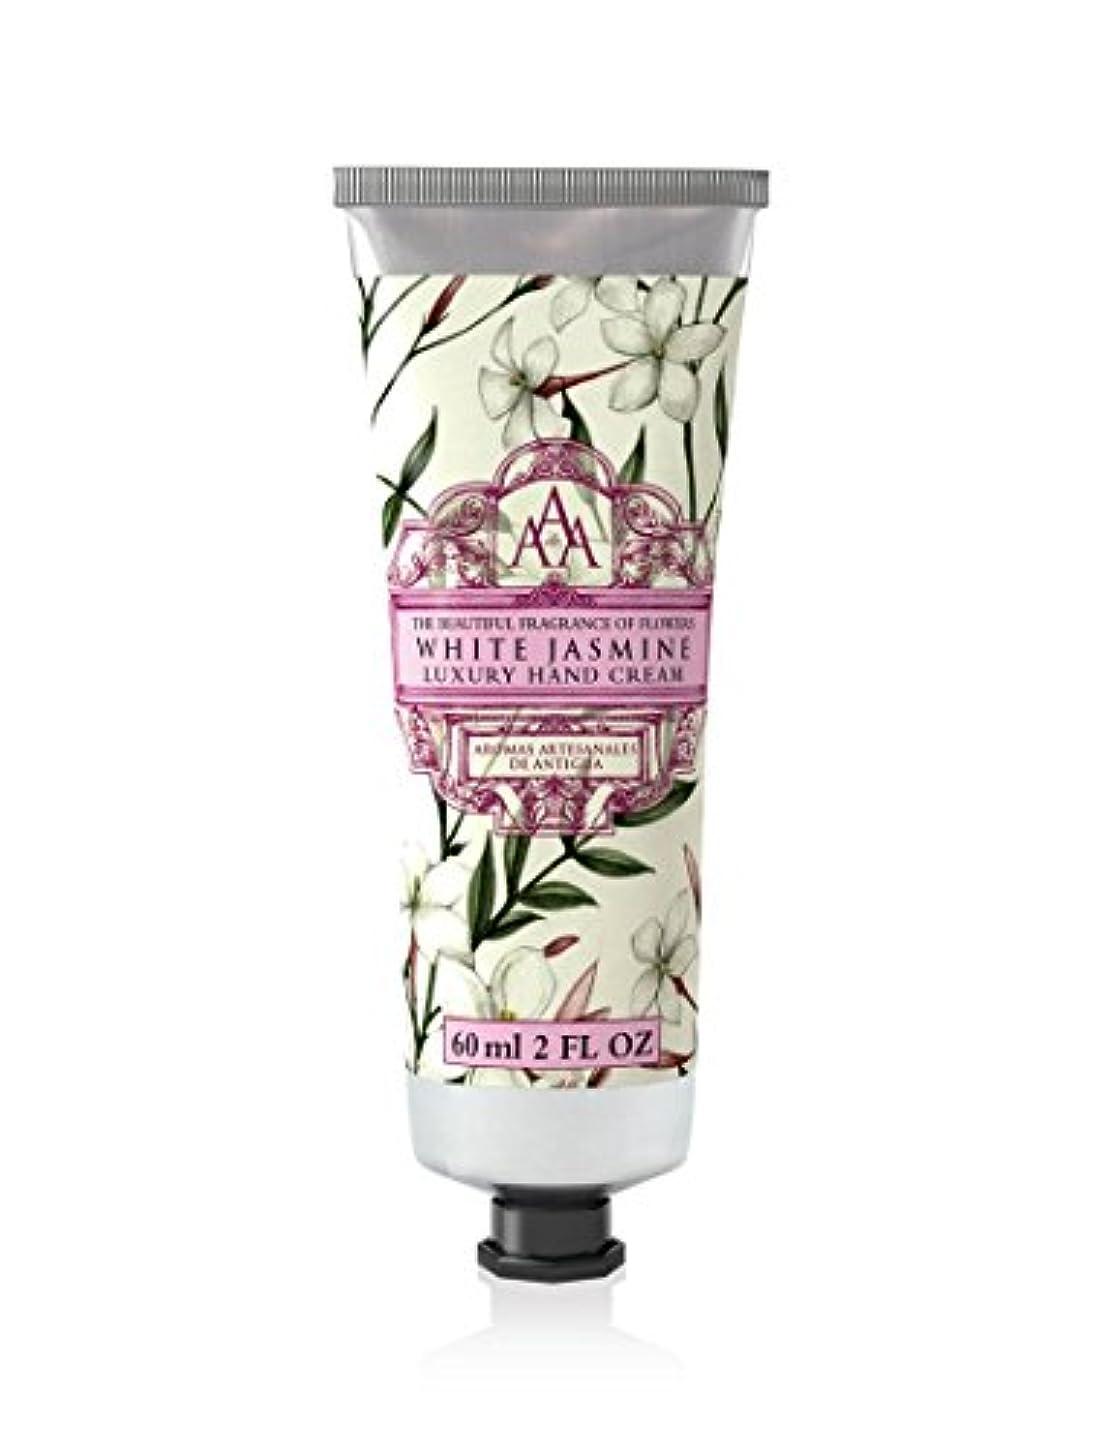 アクティブ固有のグレートオーククルトンヒルファーム ハンドクリーム ホワイトジャスミンの香り 60ml